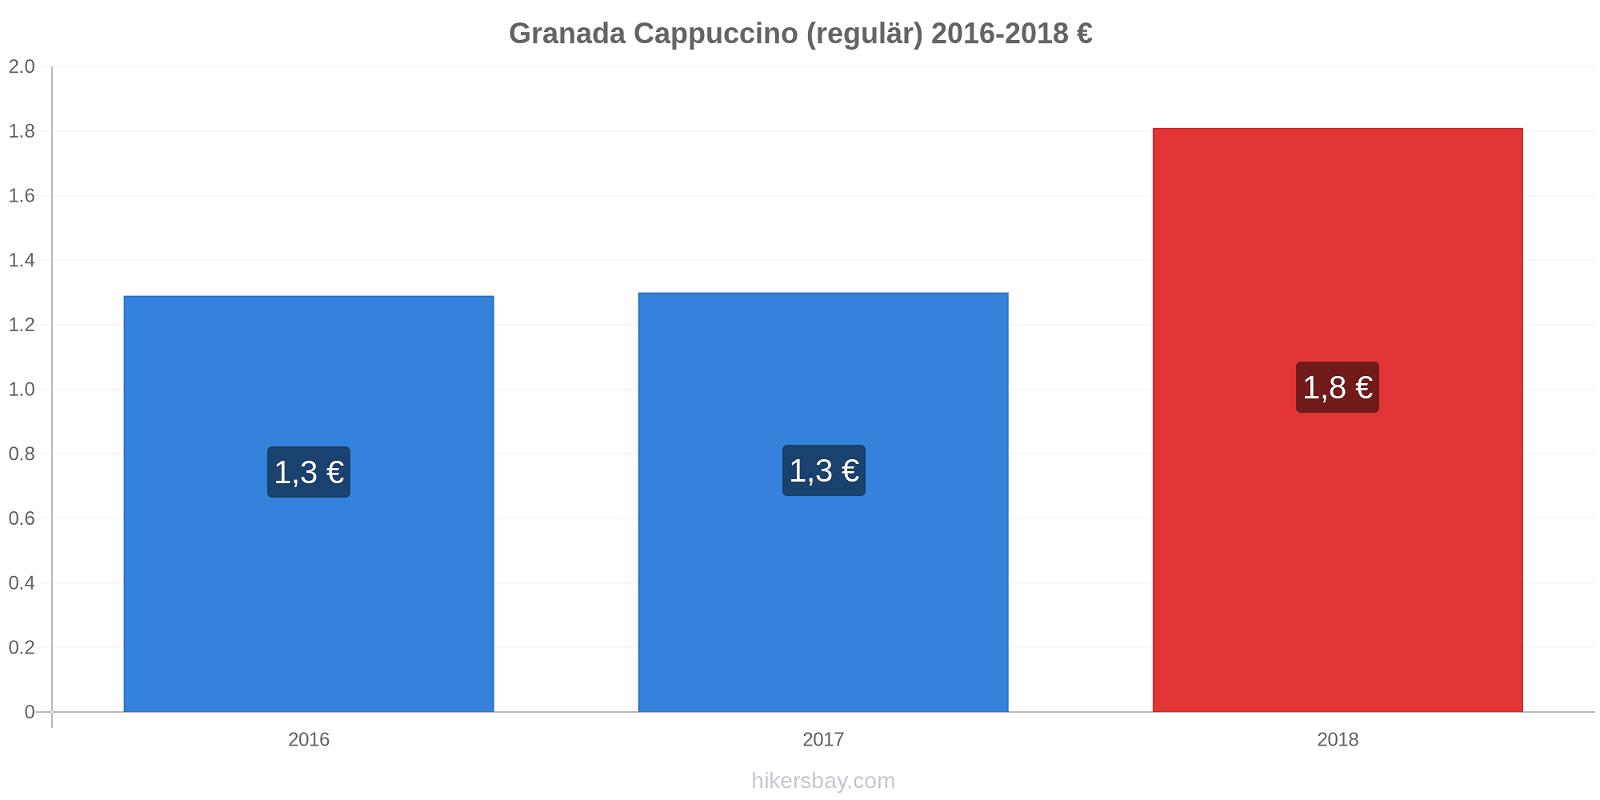 Granada Preisänderungen Cappuccino (regulär) hikersbay.com